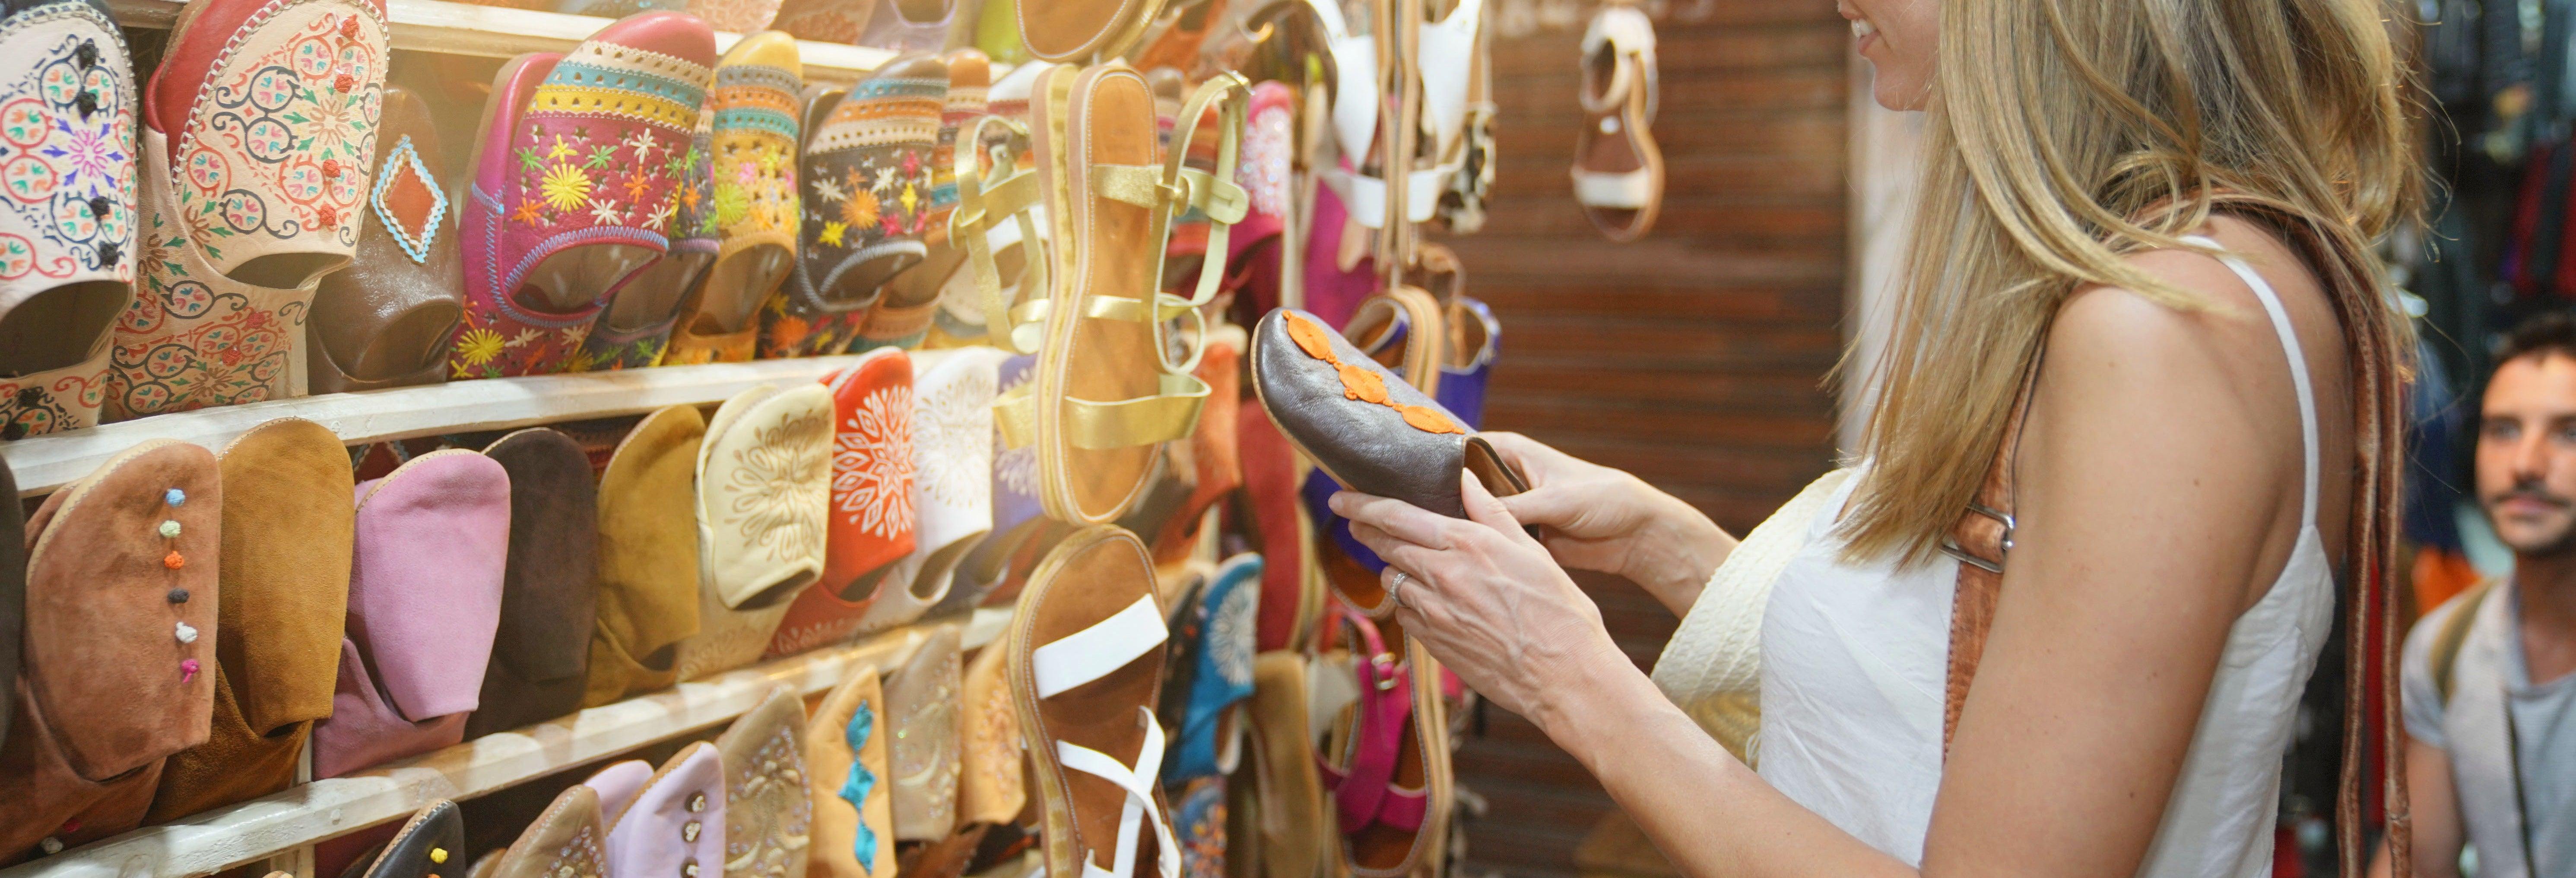 Excursion shopping privée dans la Médina